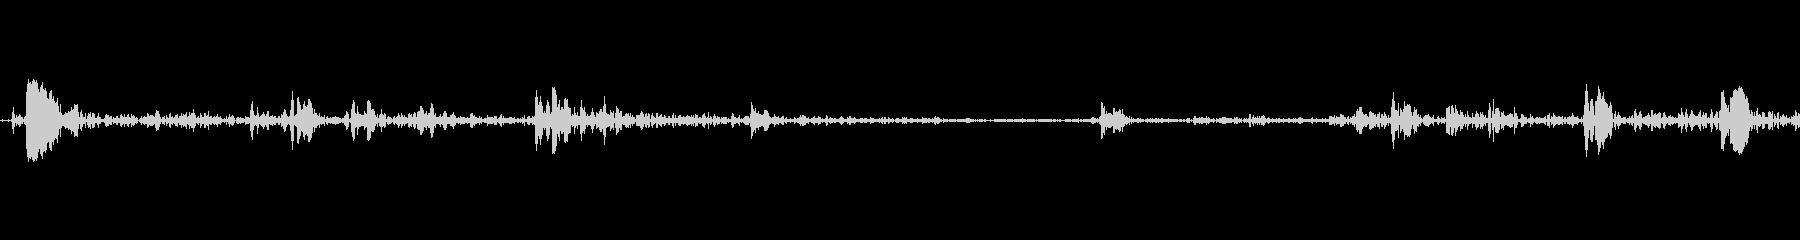 カシャ(シャッター音、ページめくり等の未再生の波形